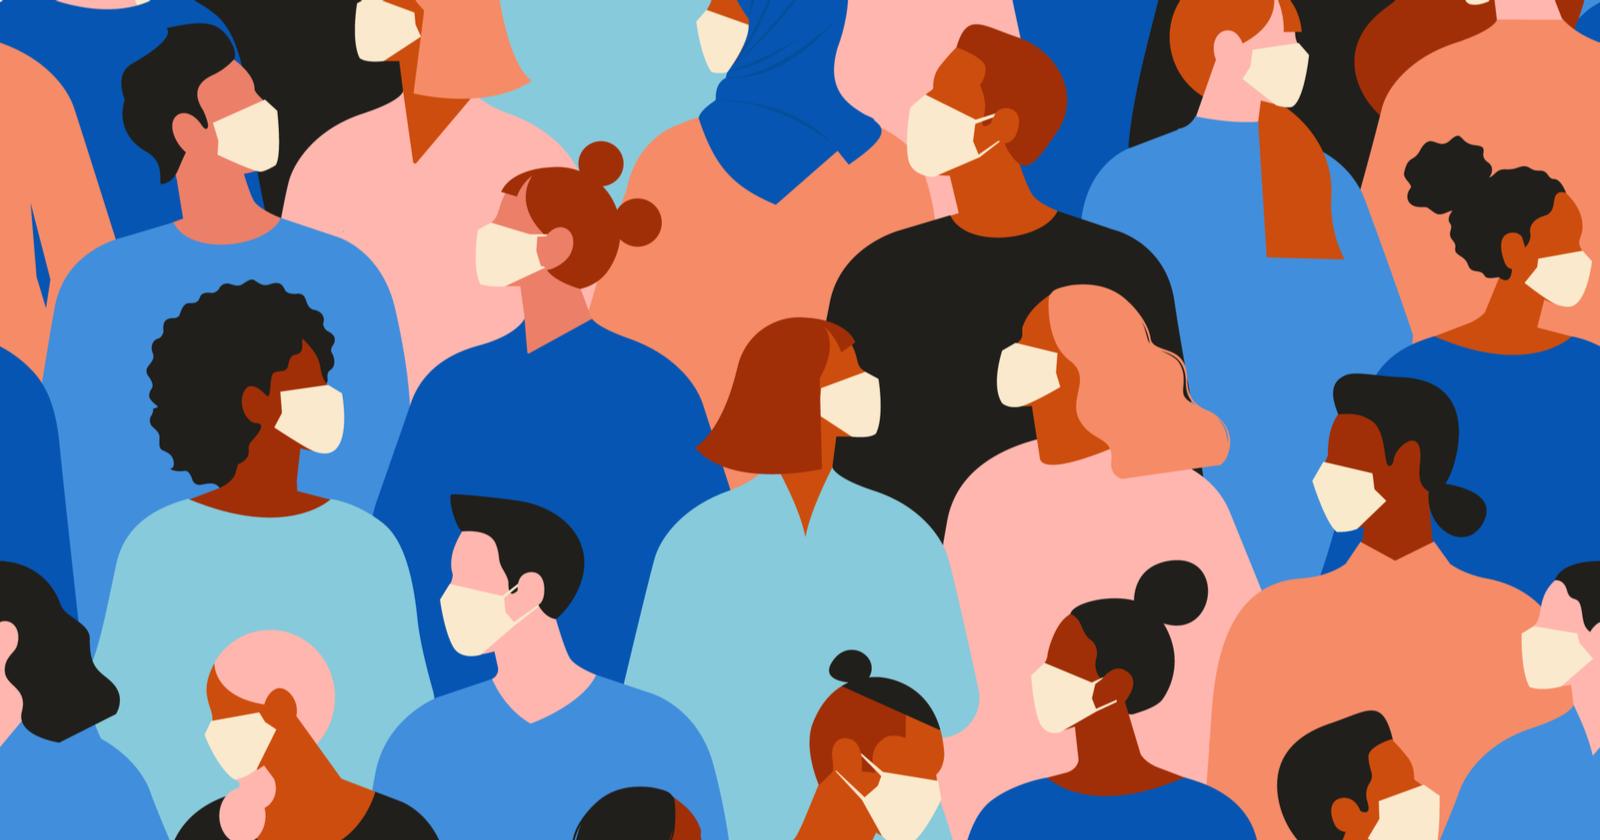 Kriz Döneminde Markaların Toplumu Önemsediklerini Gösterebilecekleri 5 Yol